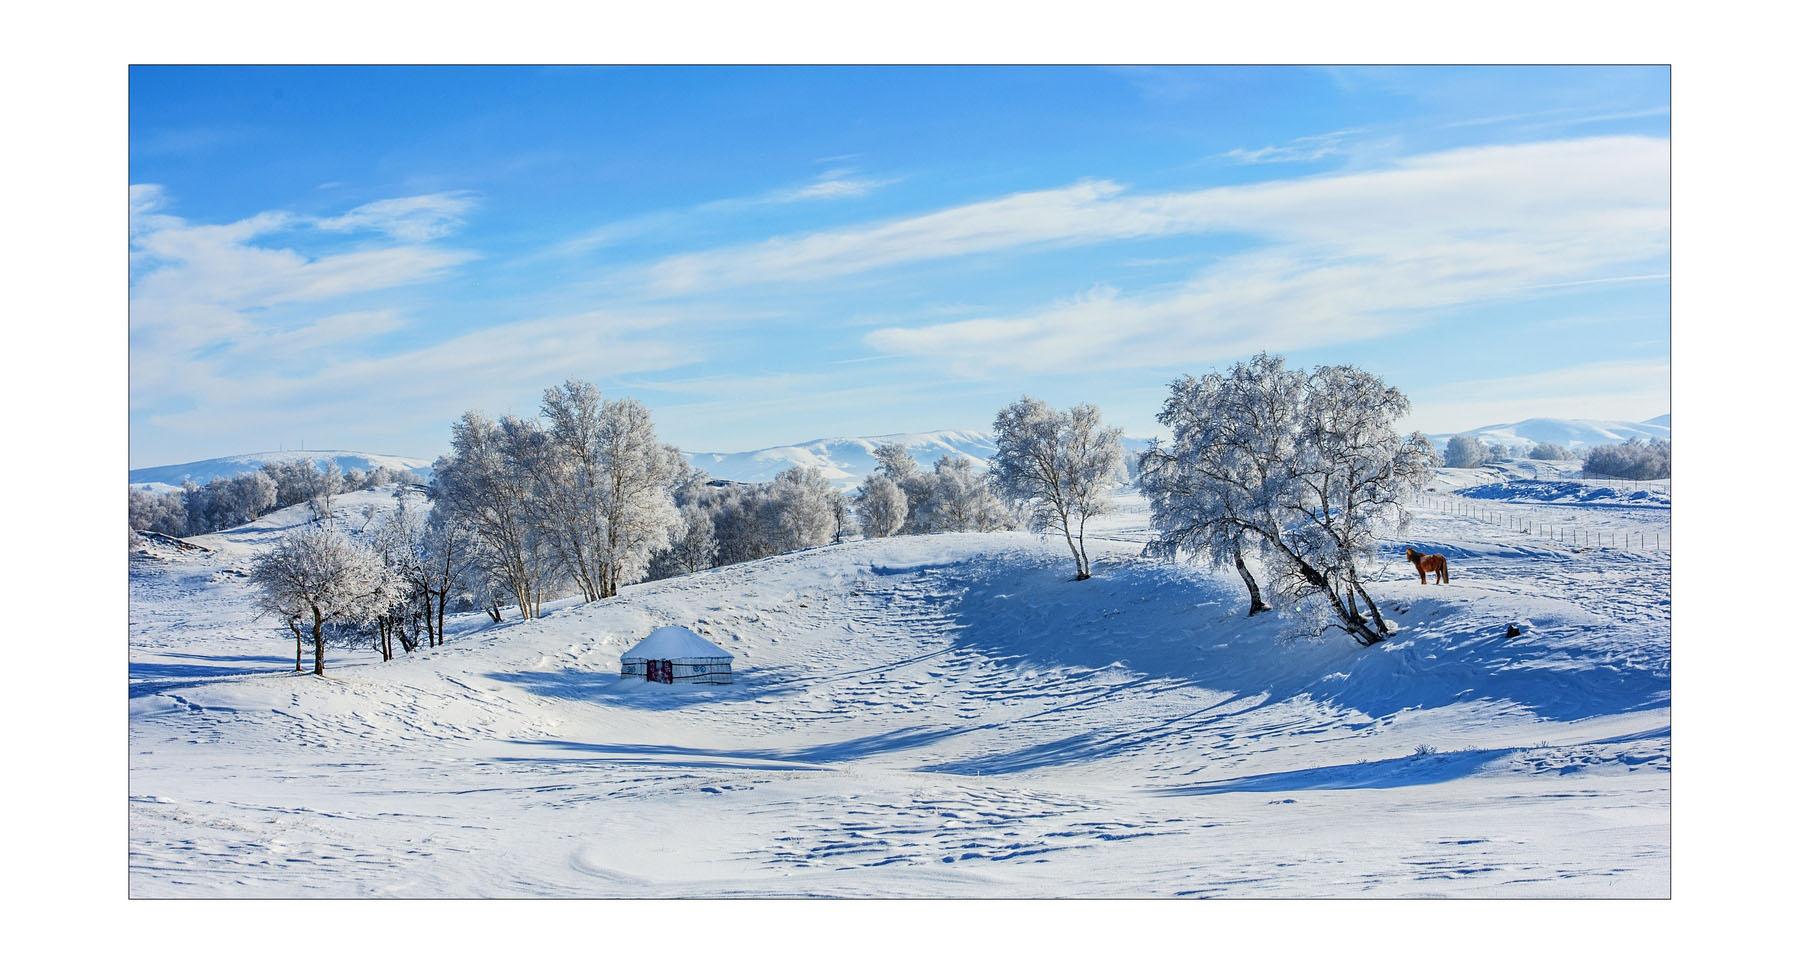 山海原野作品:冬日坝上